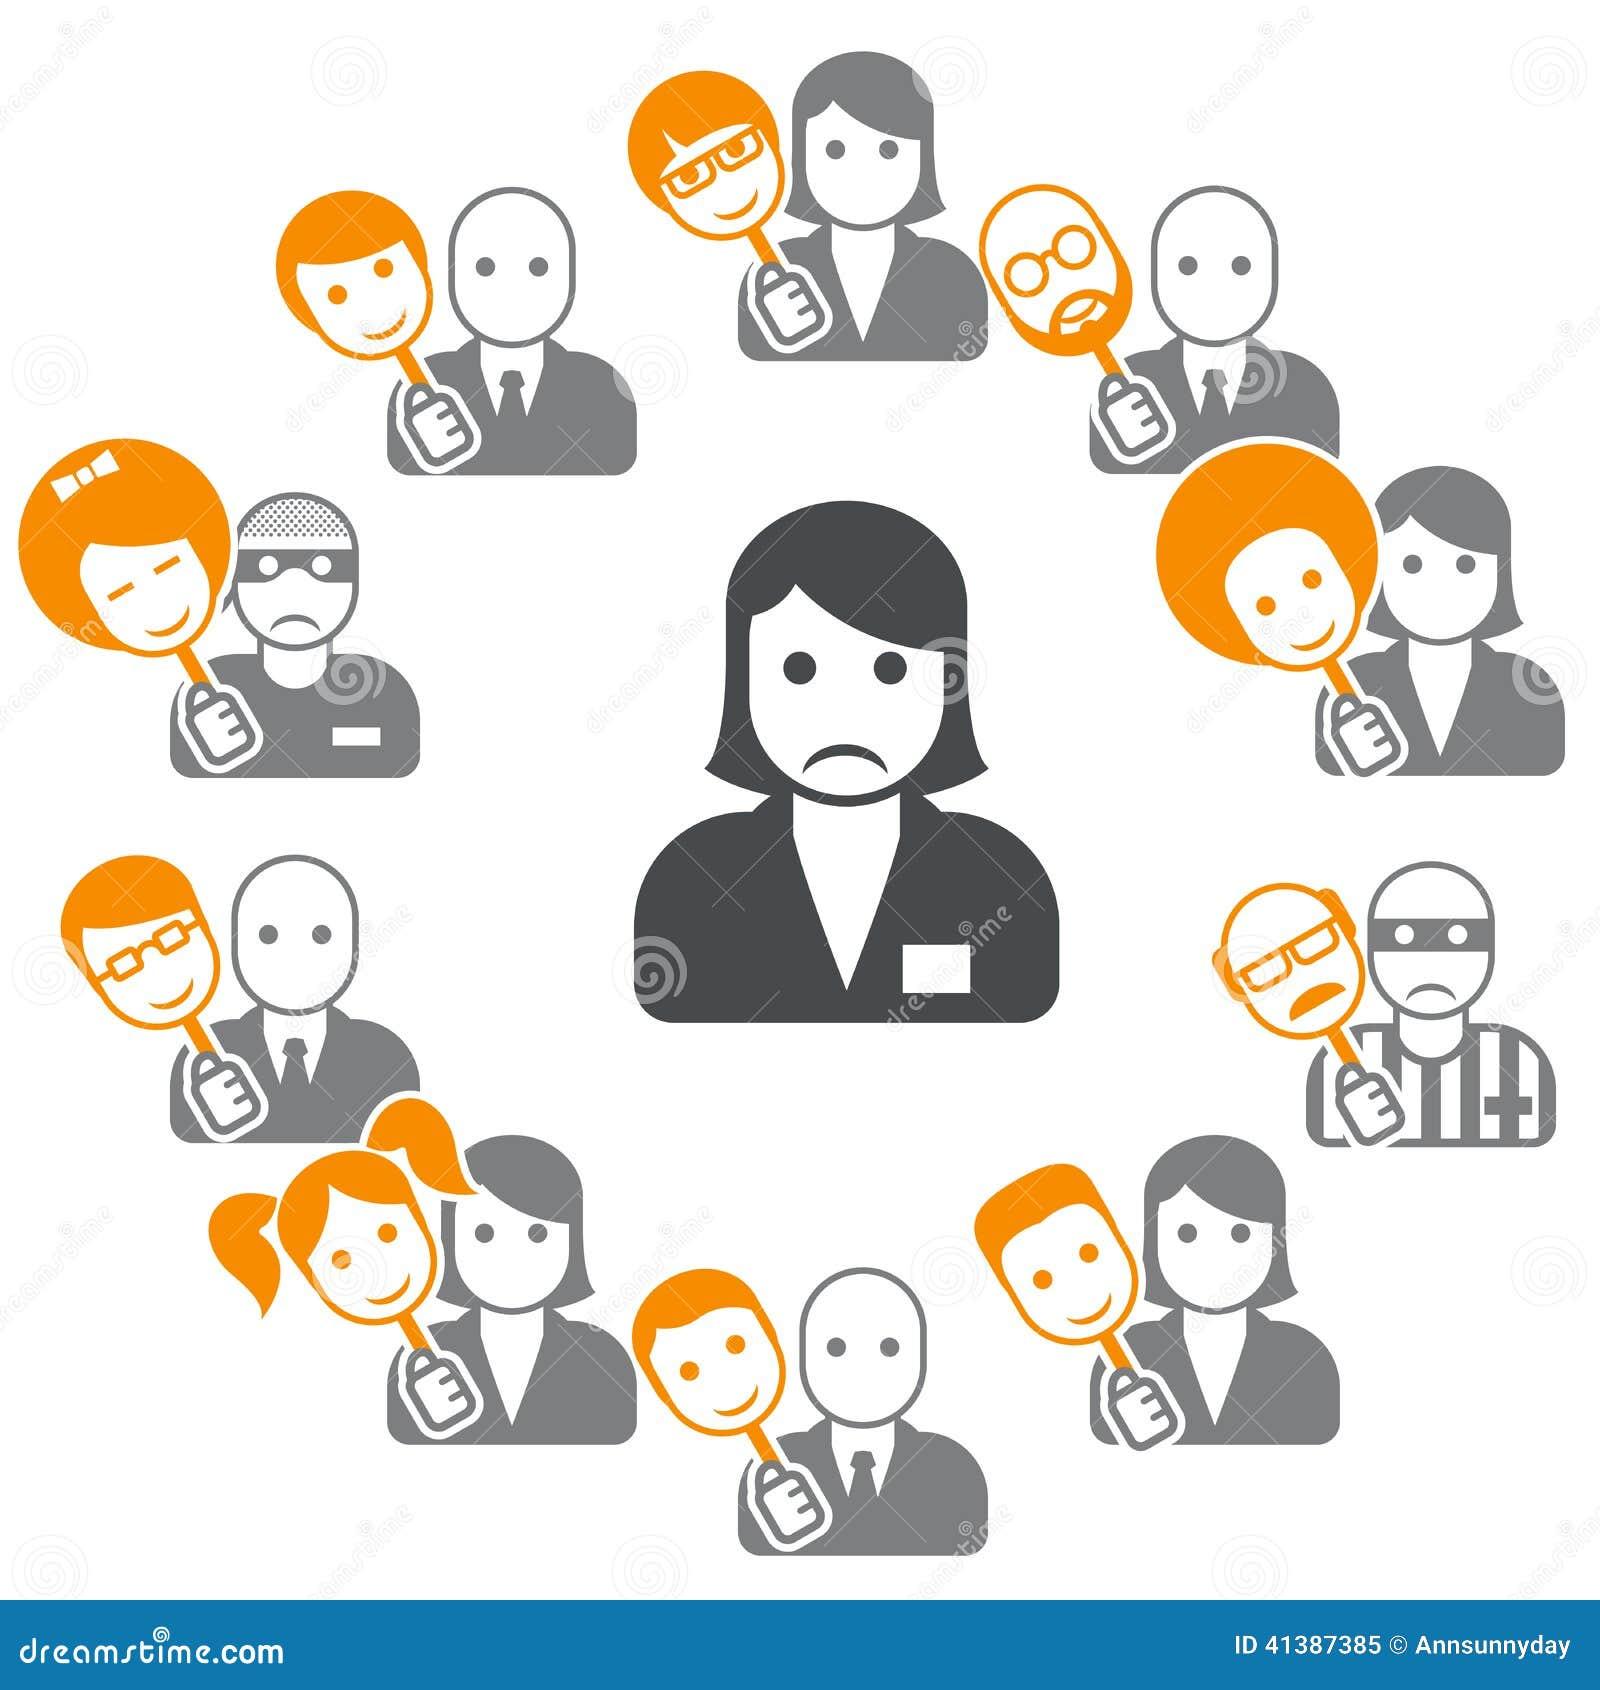 Schijnheiligheid - veinzerij in Internet en sociale netwerken